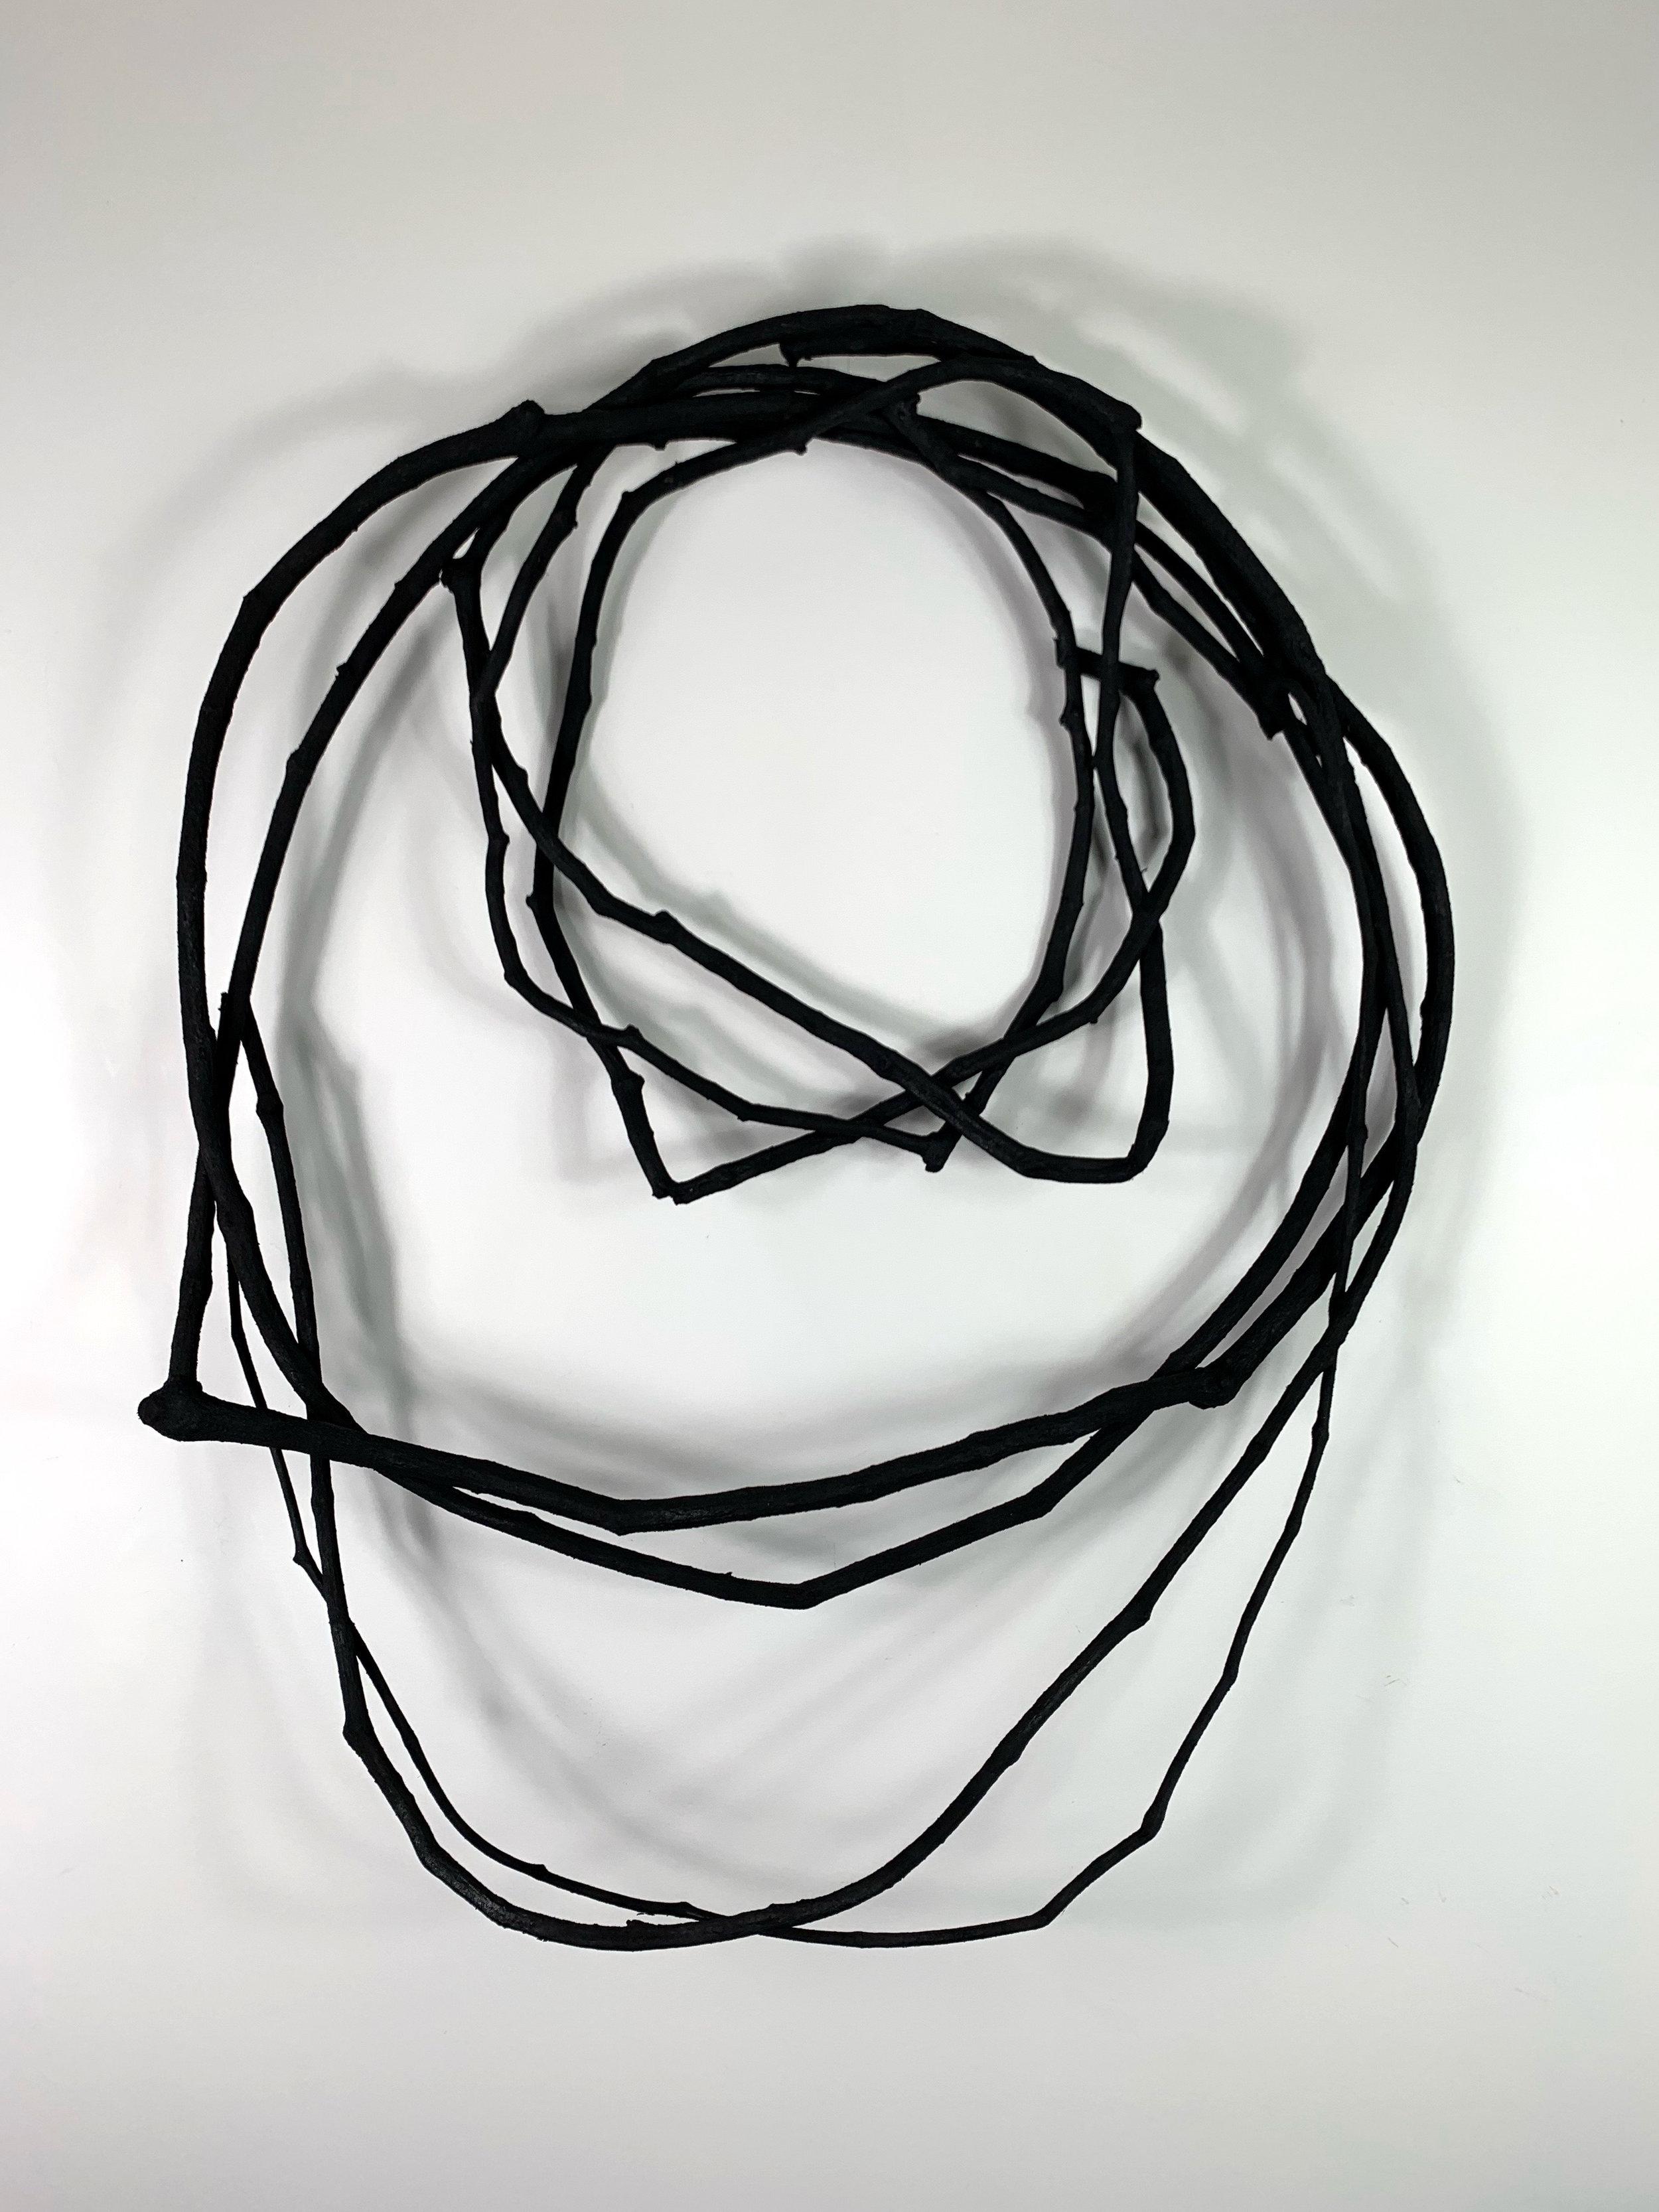 'Circle Me' - $1,500